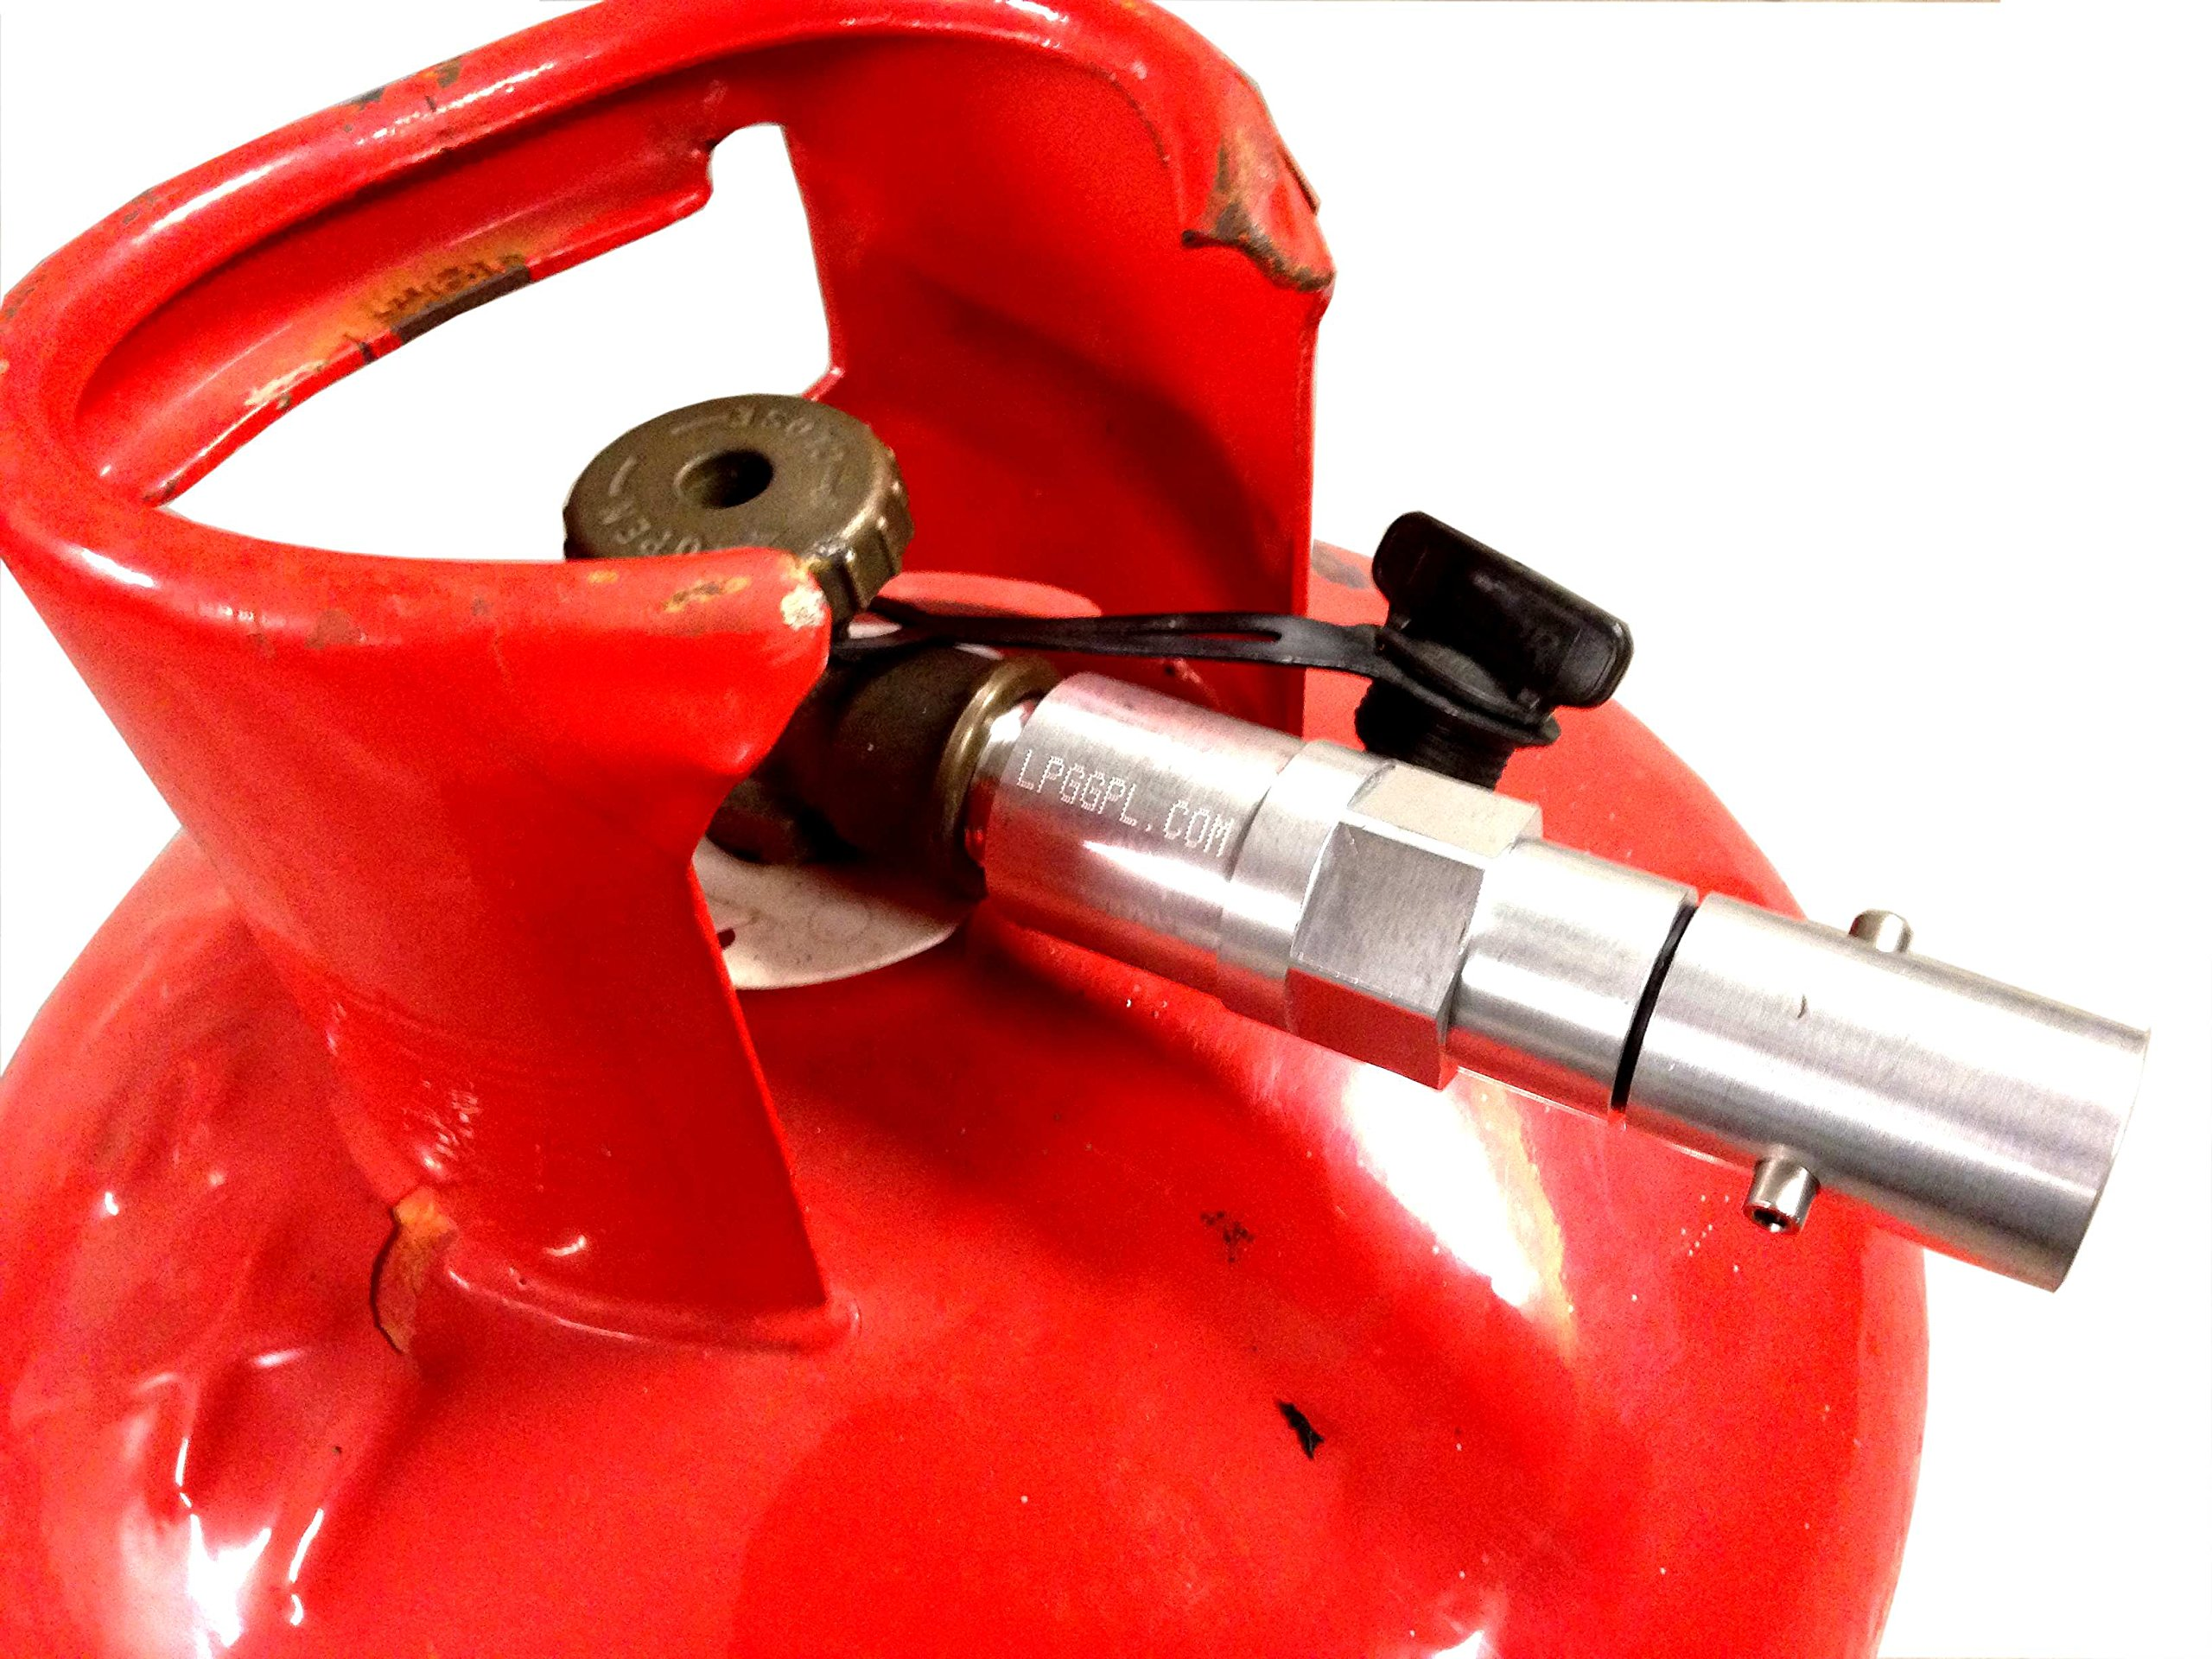 lpg gas bottle filling adaptor REMOTE 2m with non return valve autogas caravans